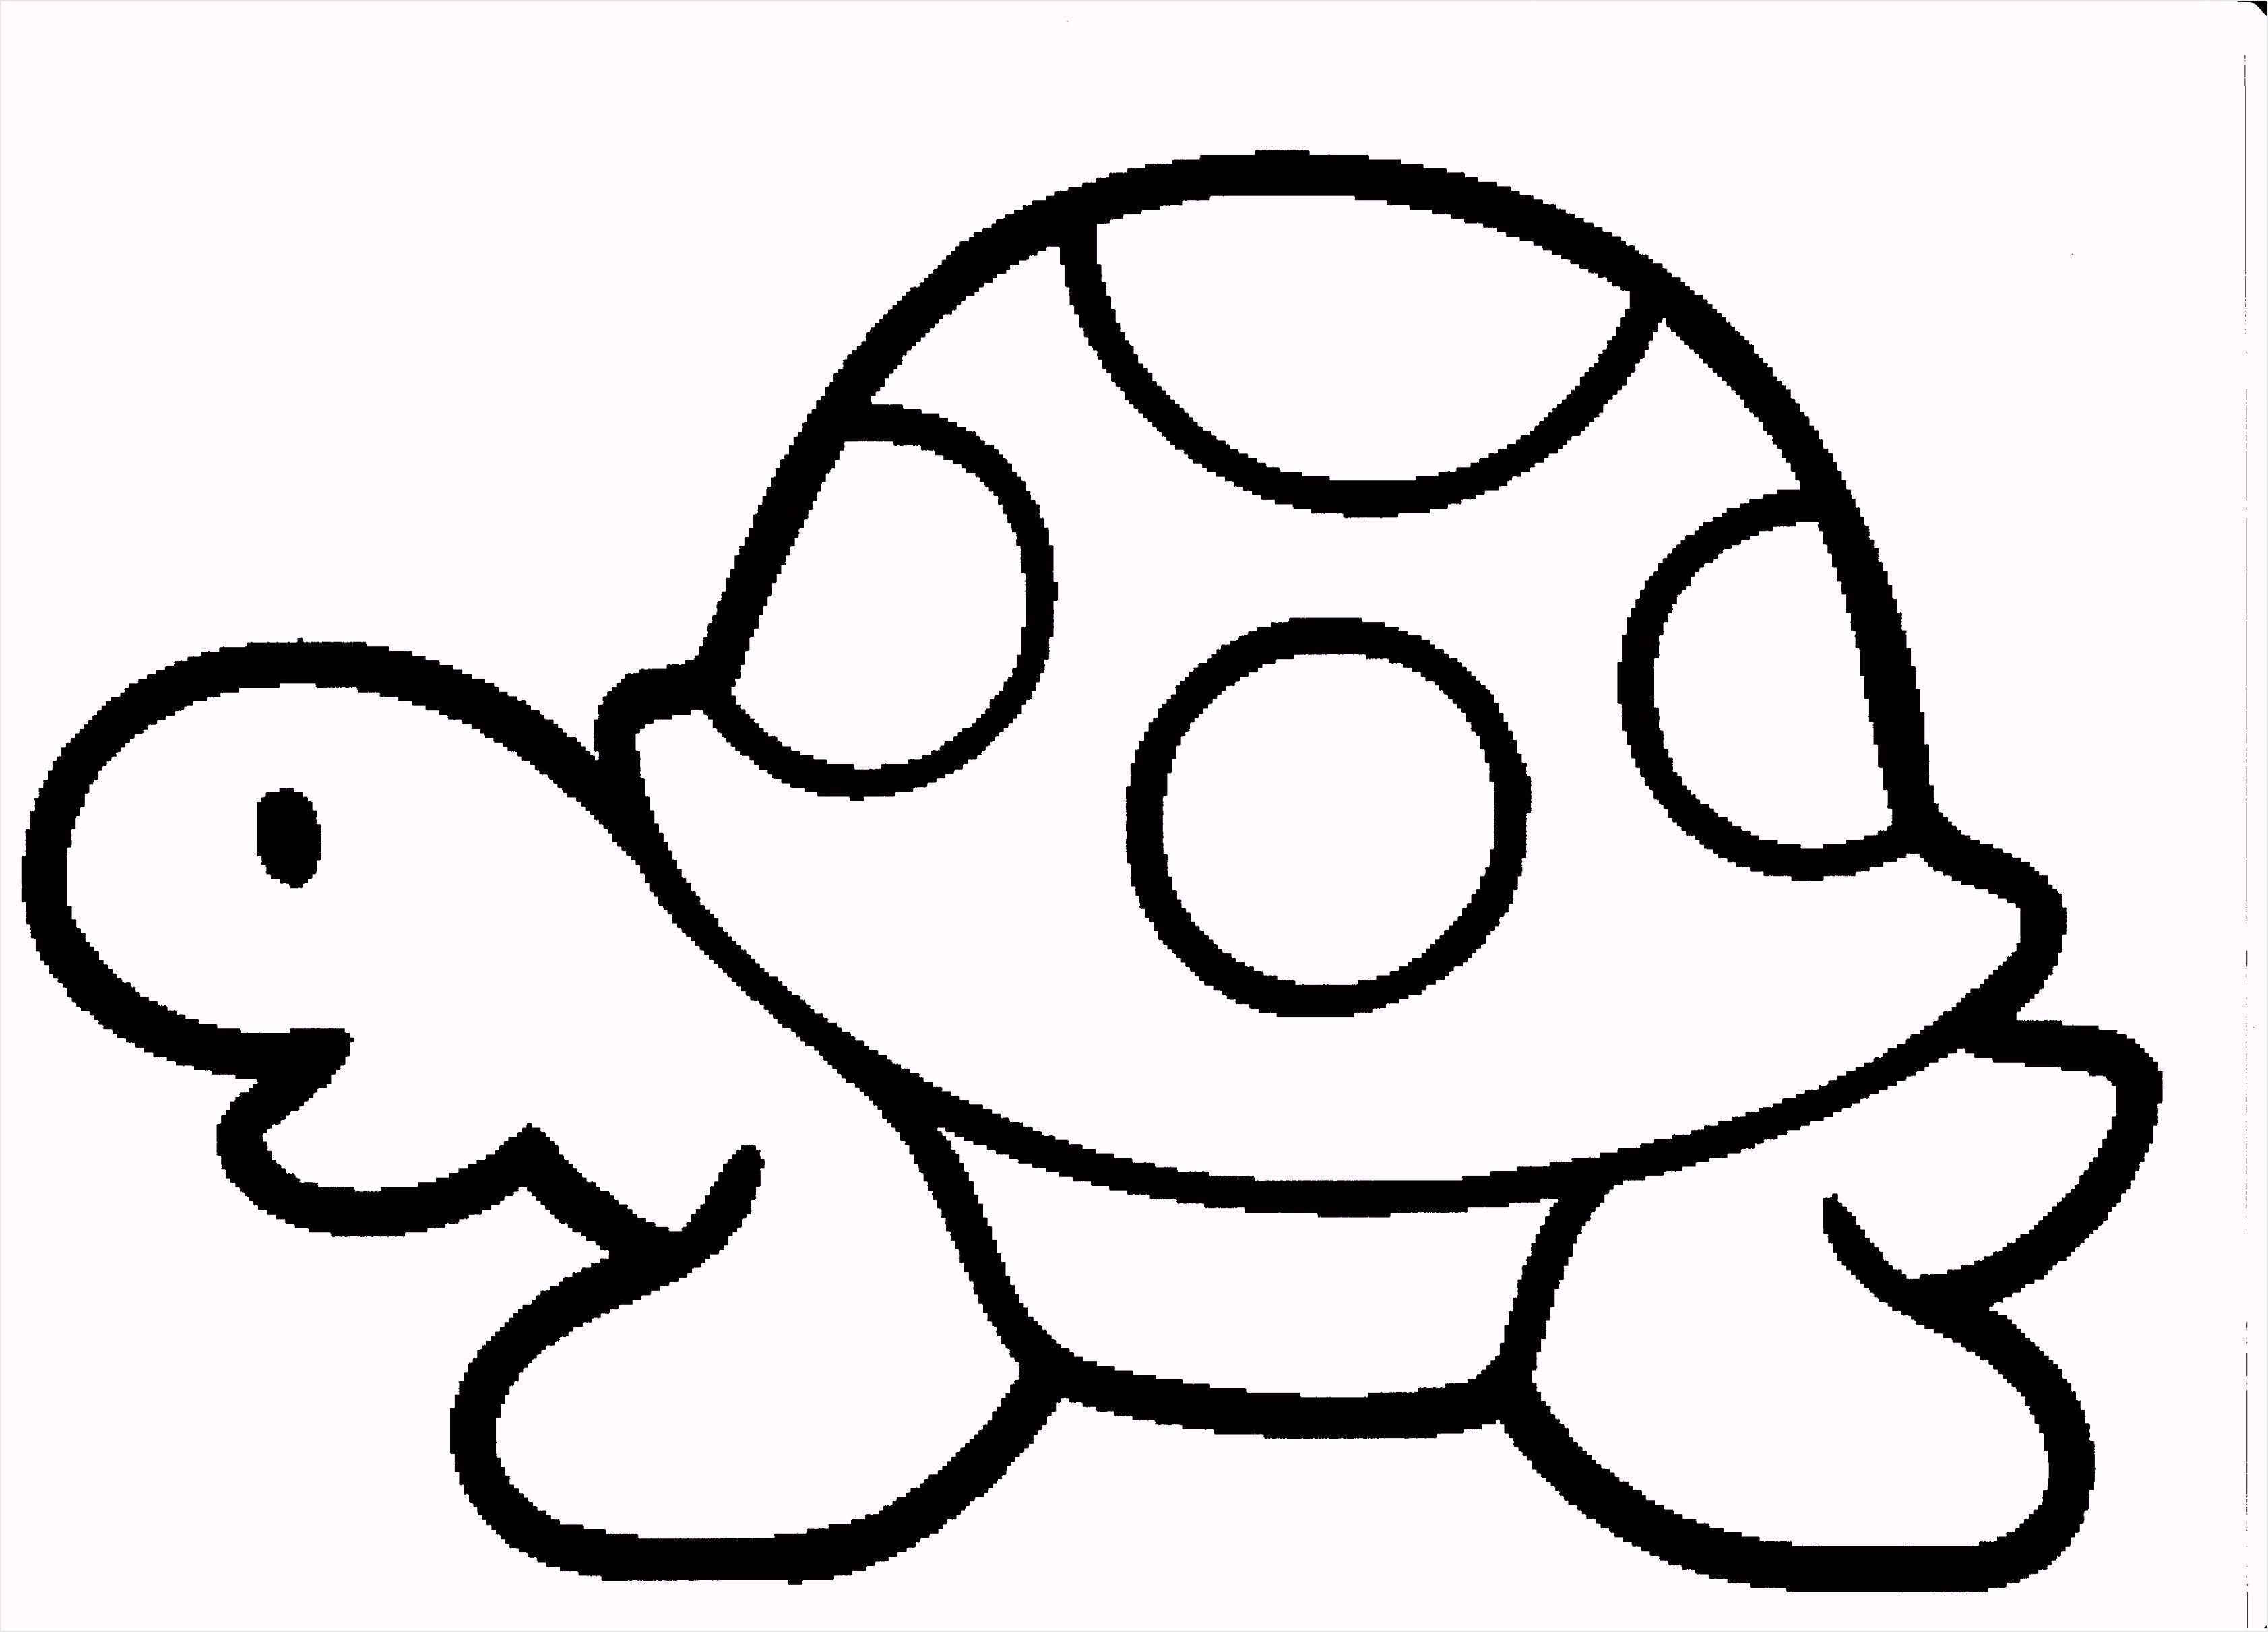 Frisch Malvorlagen Ninja Turtles Zum Drucken Malvorlagen Malvorlagen Tiere Ausmalbilder